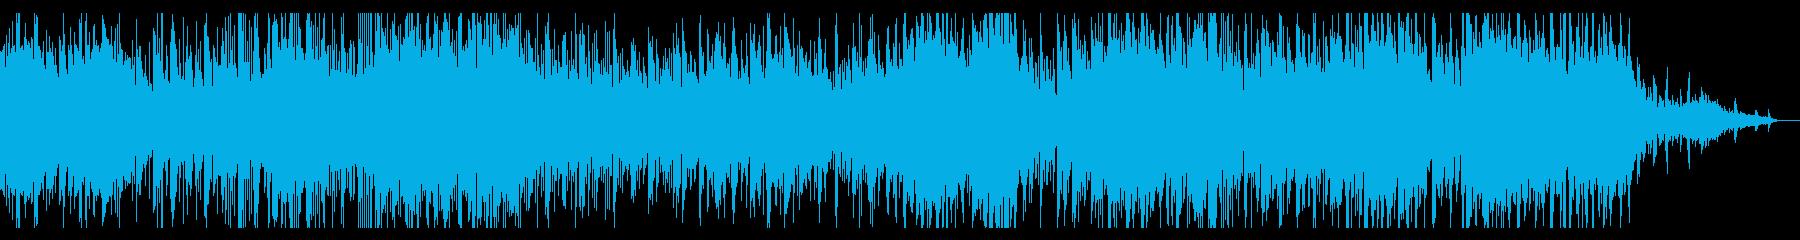 無機質なアンビエントIDMの再生済みの波形